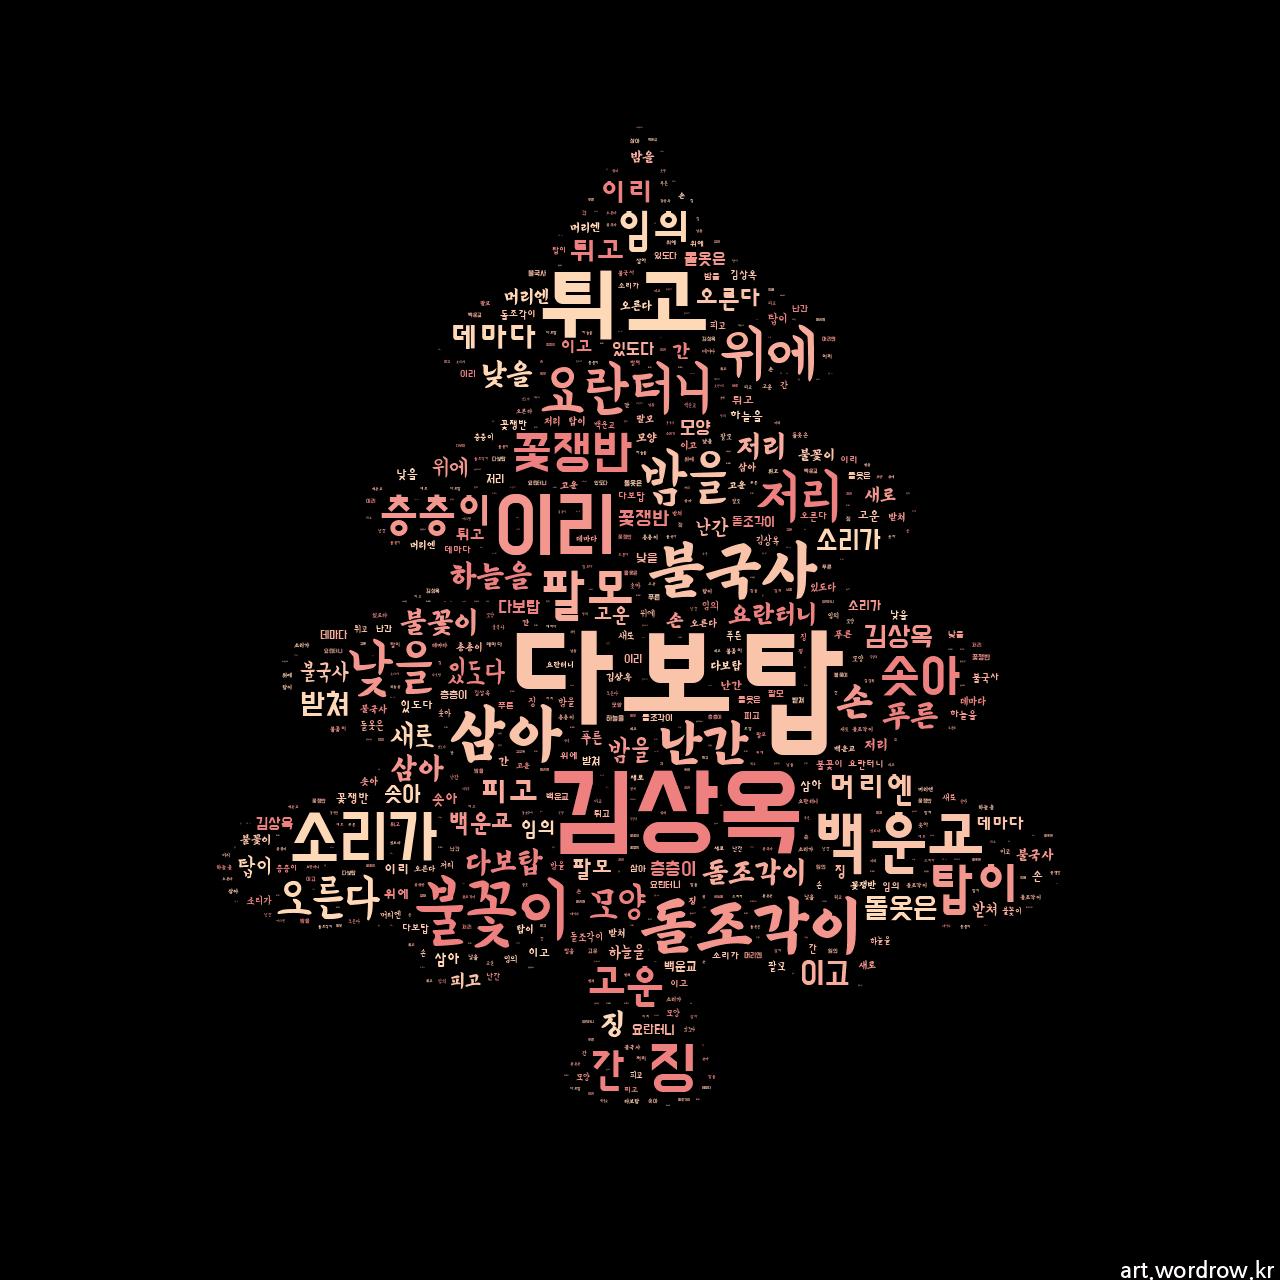 워드 클라우드: 다보탑 [김상옥]-5